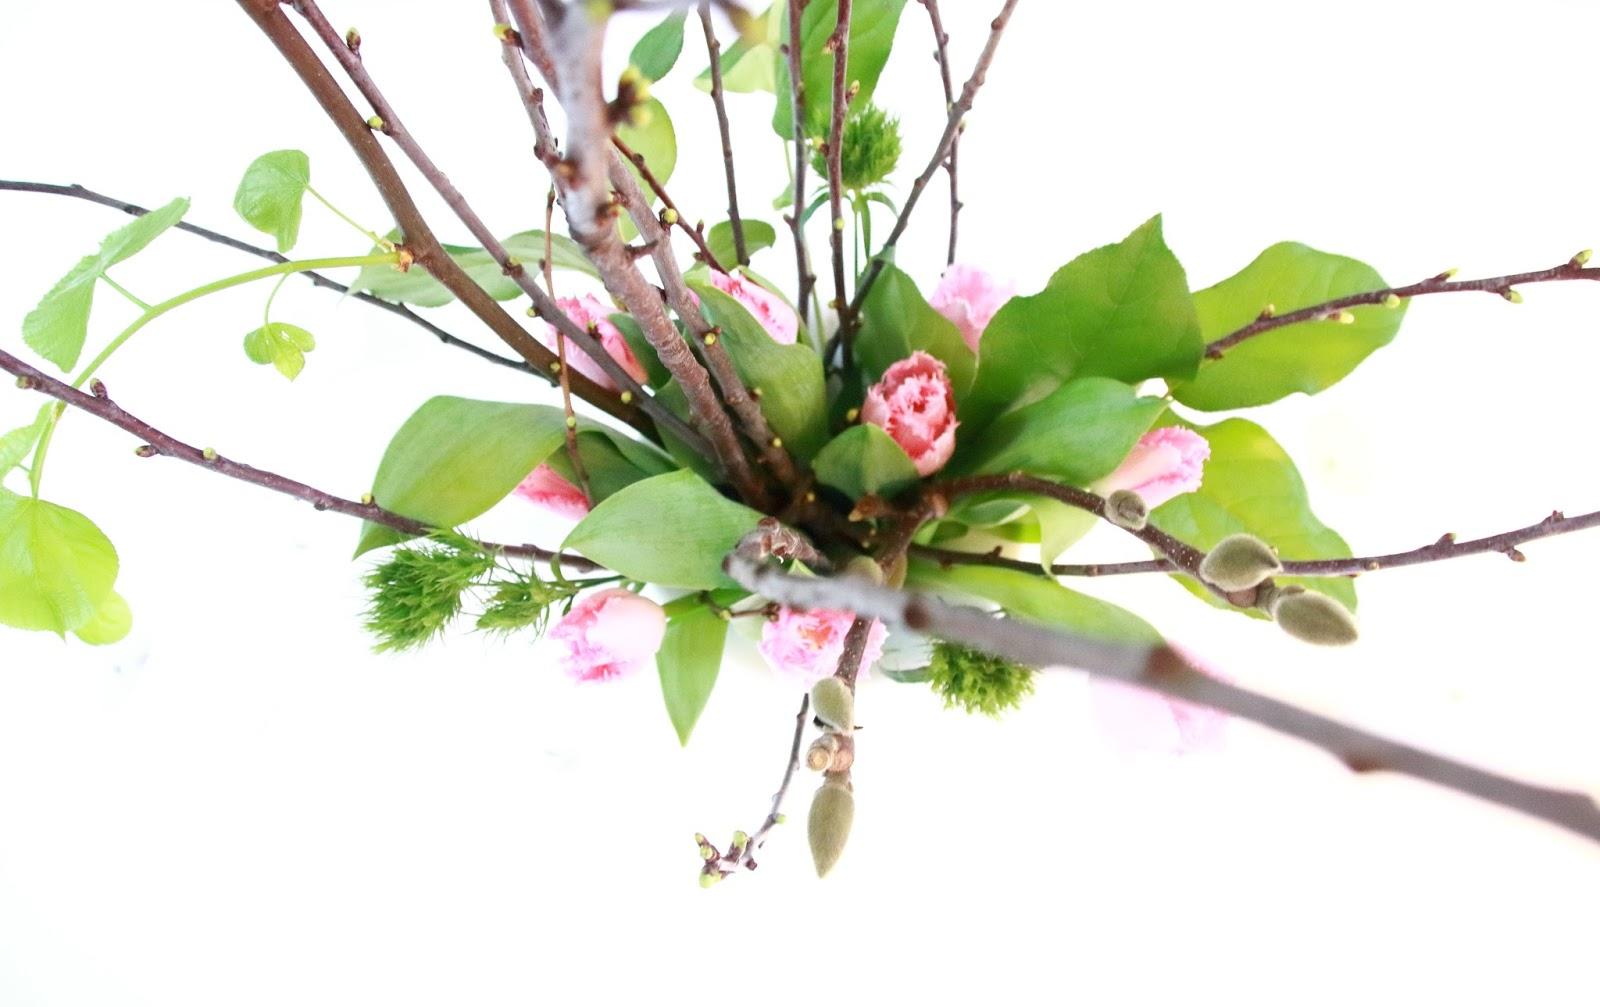 Designedlifeblog.blogspot.com Winter bloomed